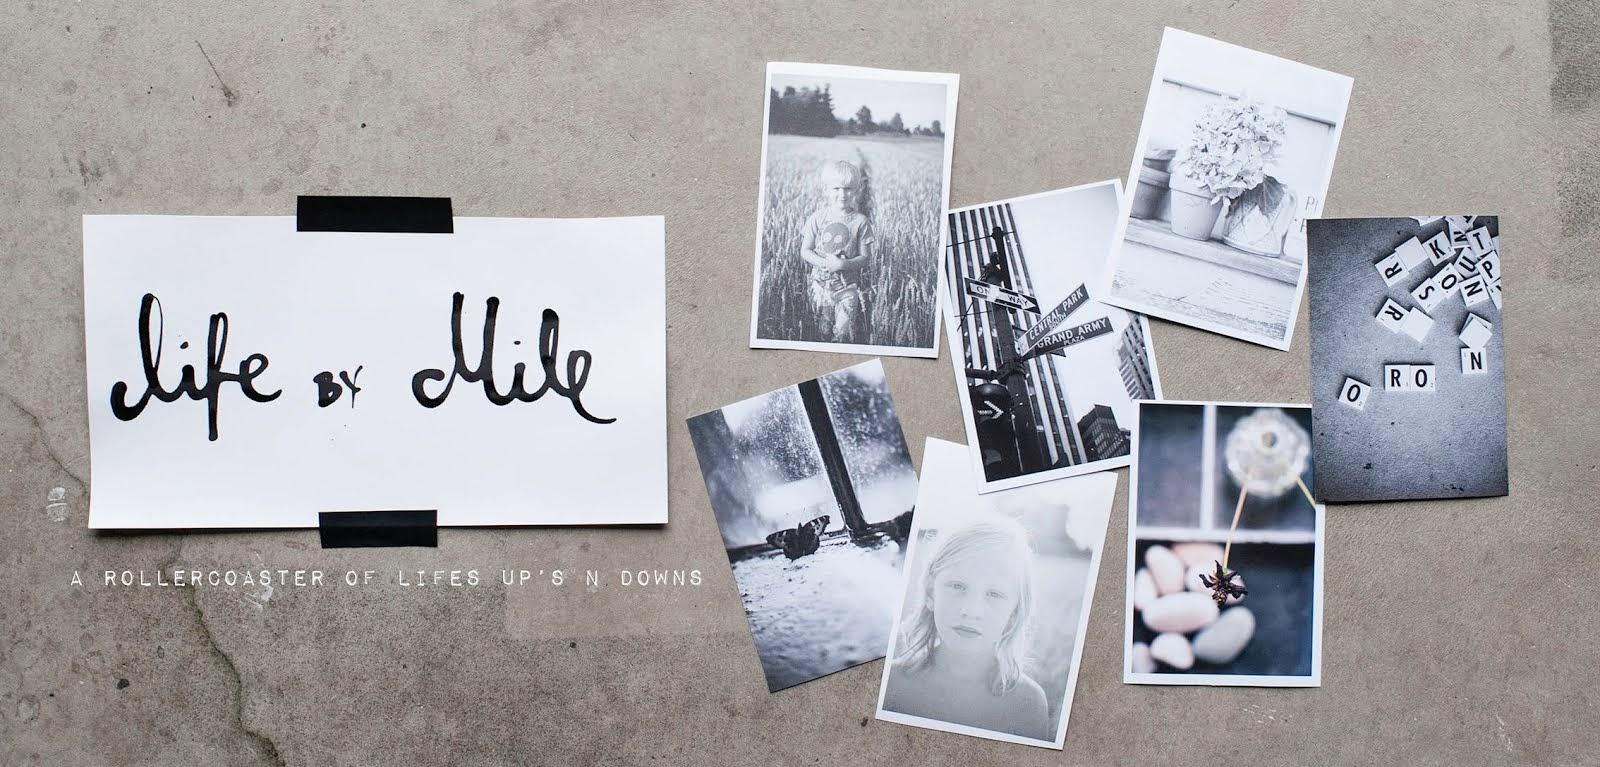 lifebymile